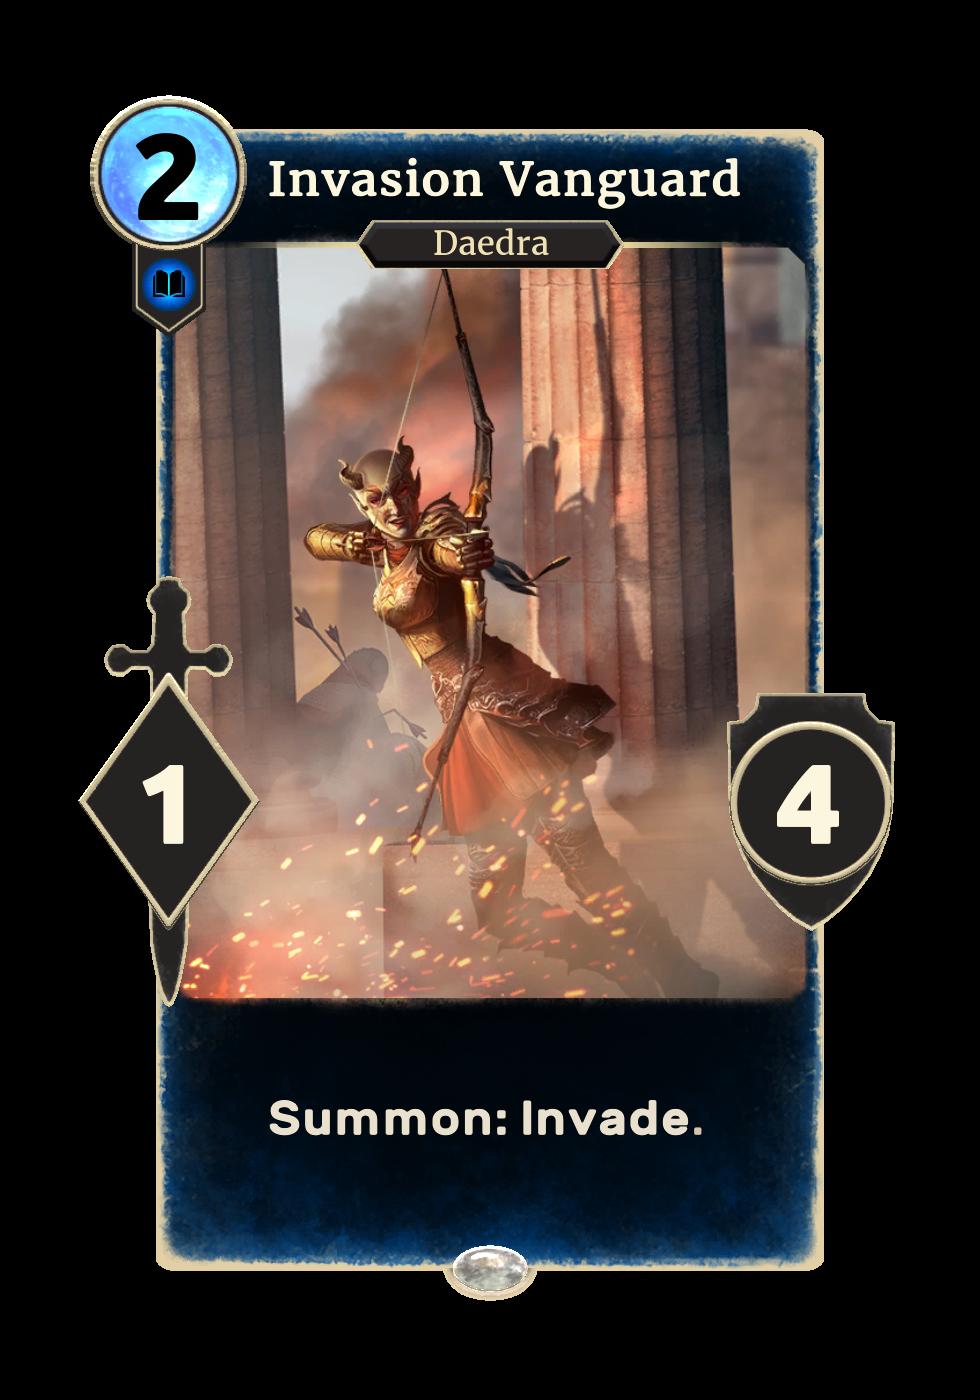 Invasion Vanguard